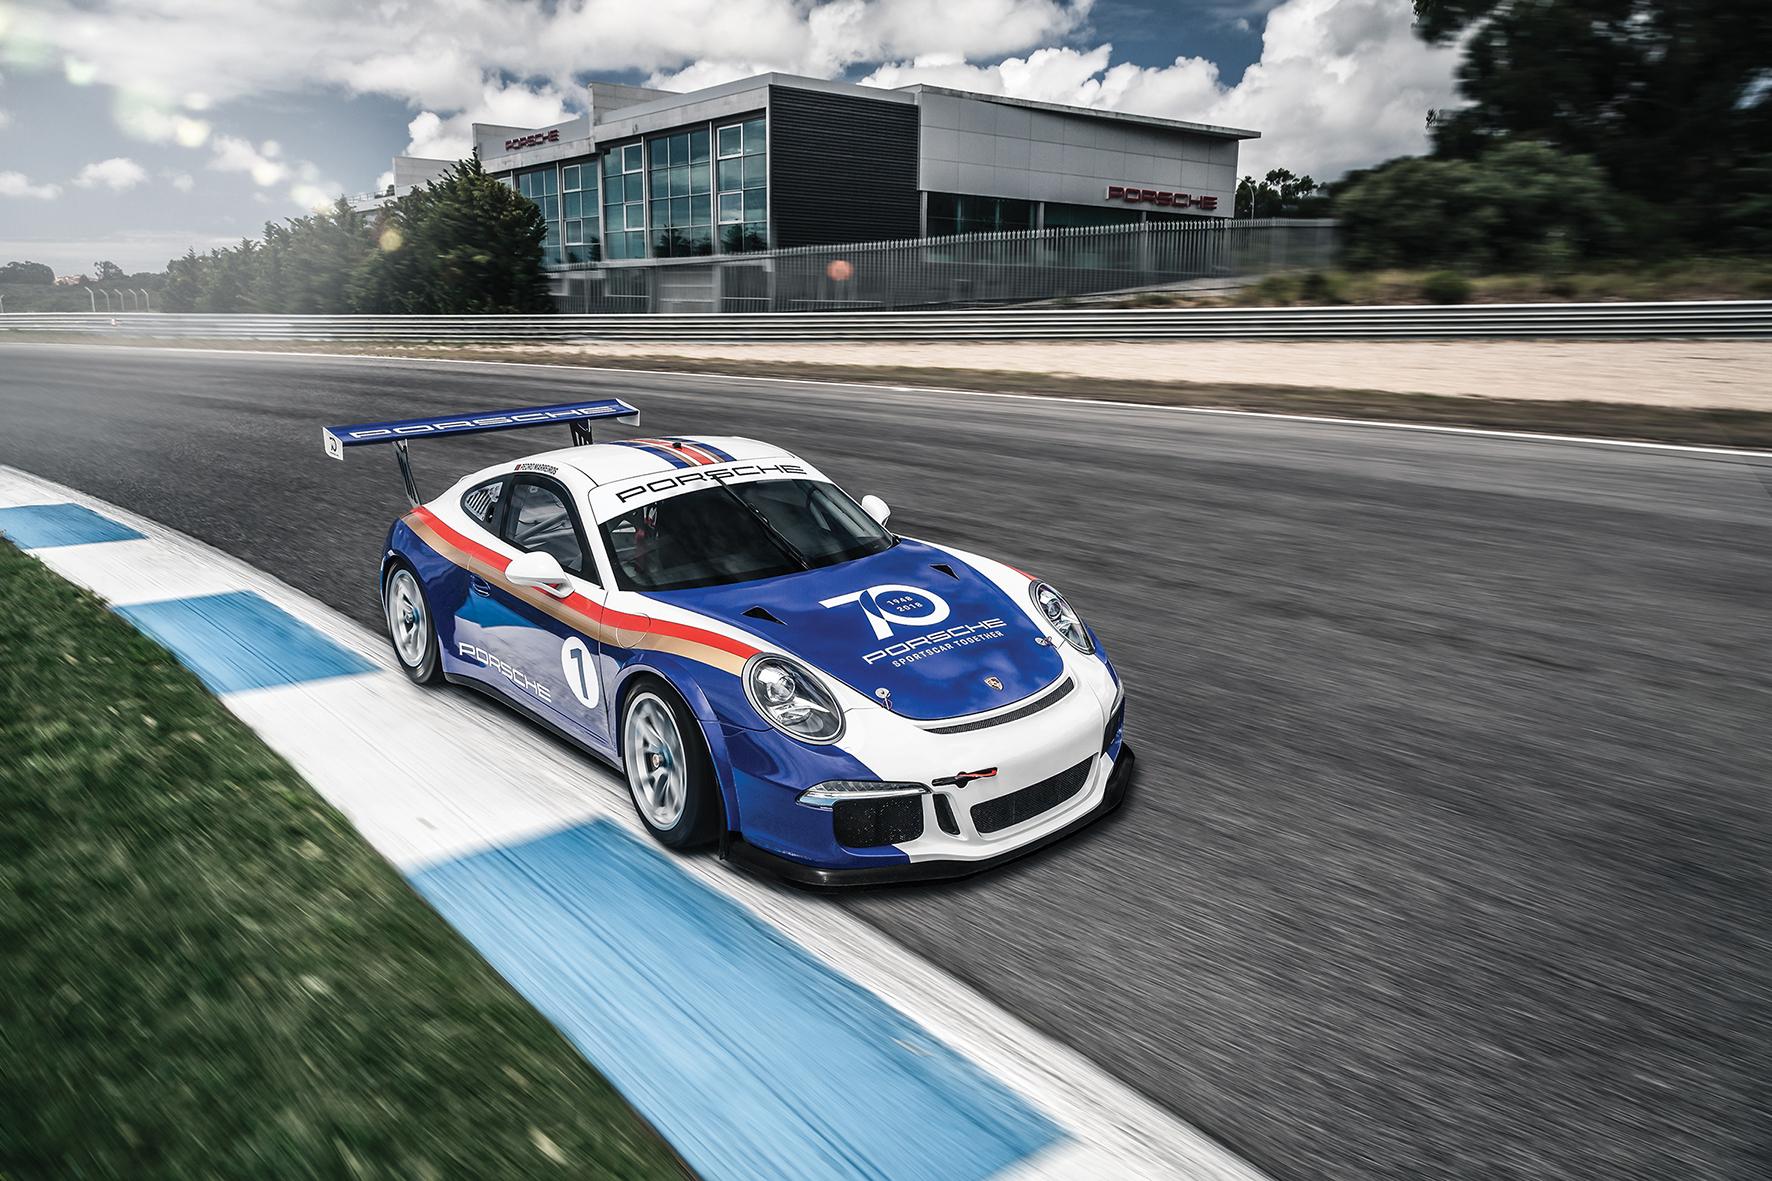 Porsche celebra 70º aniversário no circuito do Estoril